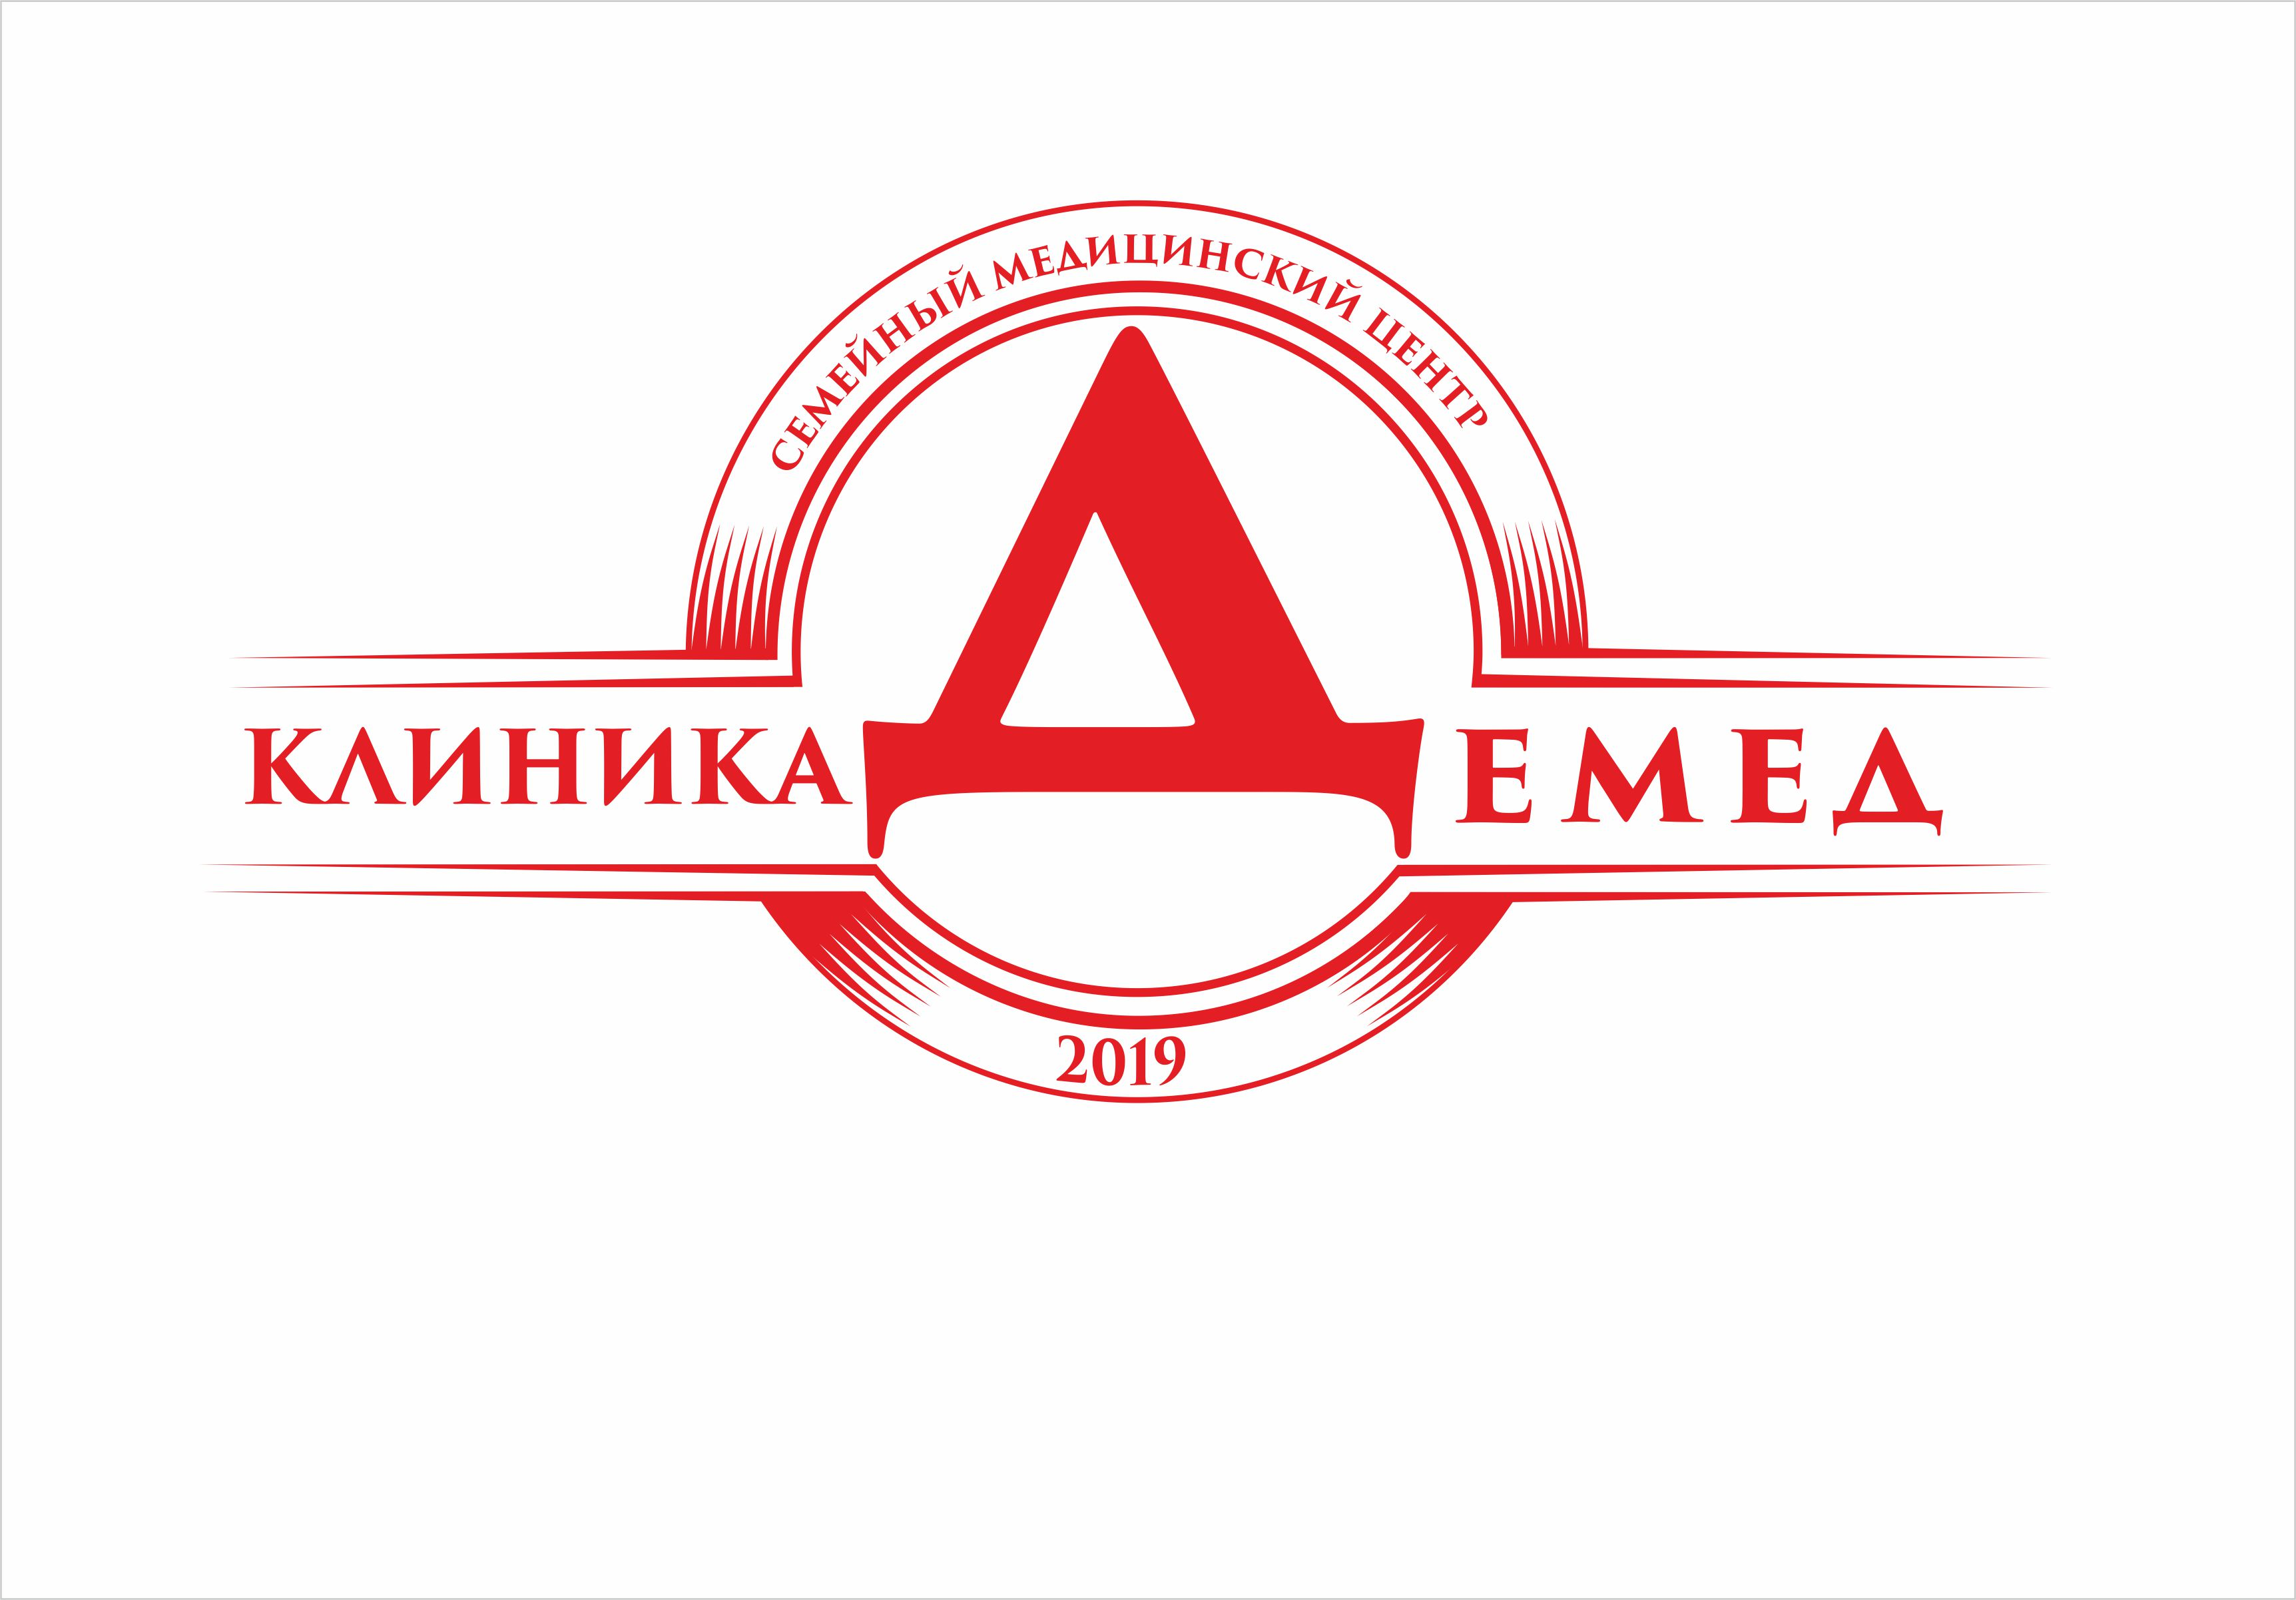 Логотип медицинского центра фото f_0195dce48610e1b5.jpg